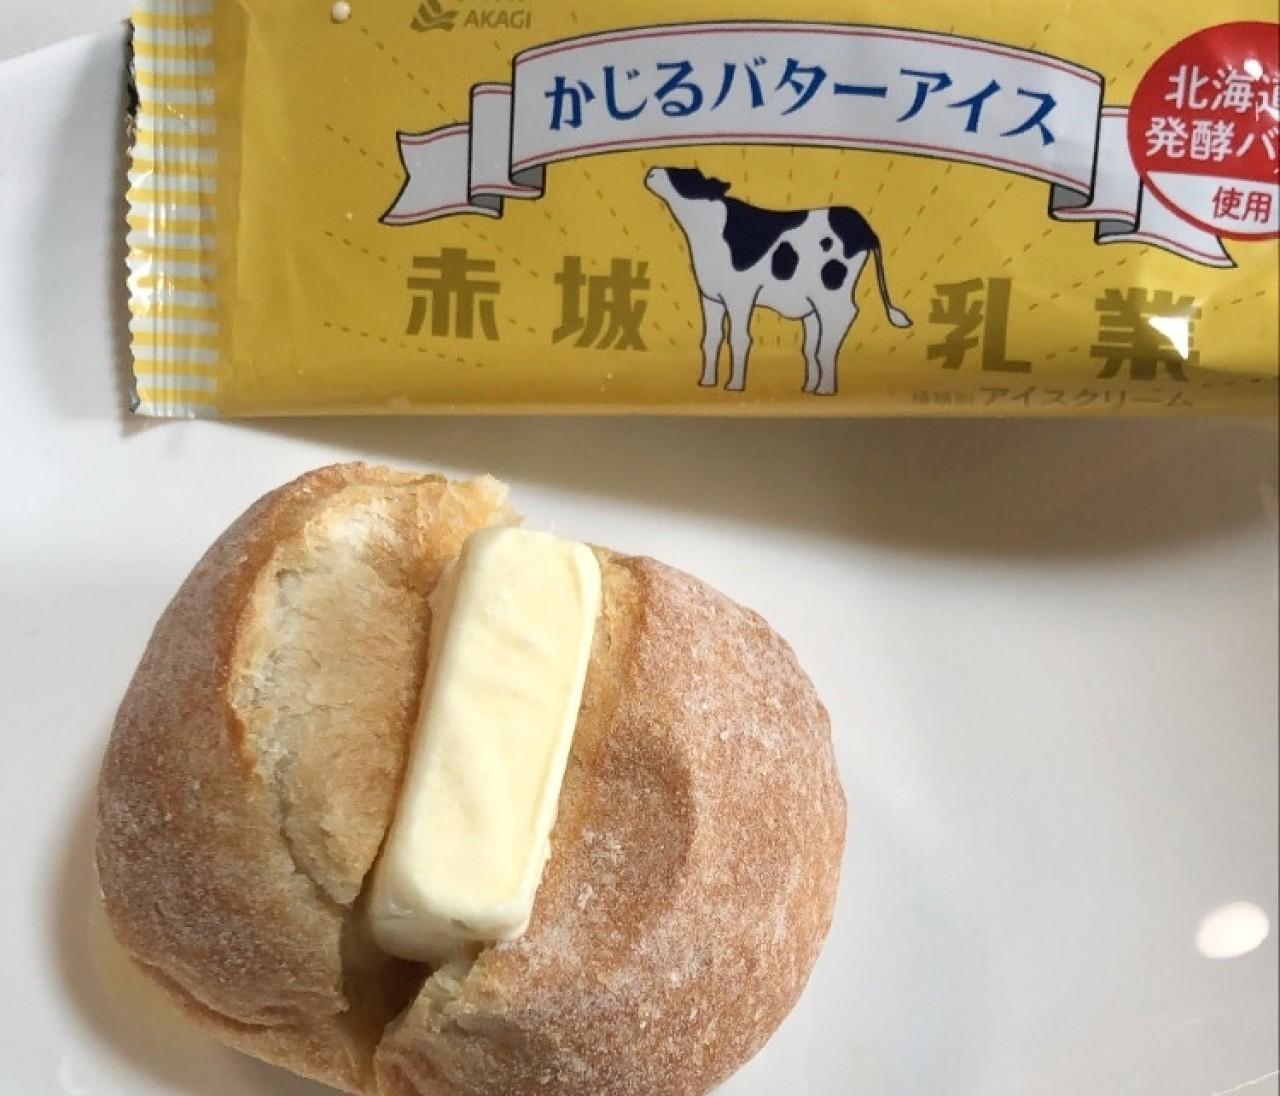 【再販】大人気のかじるバターアイス